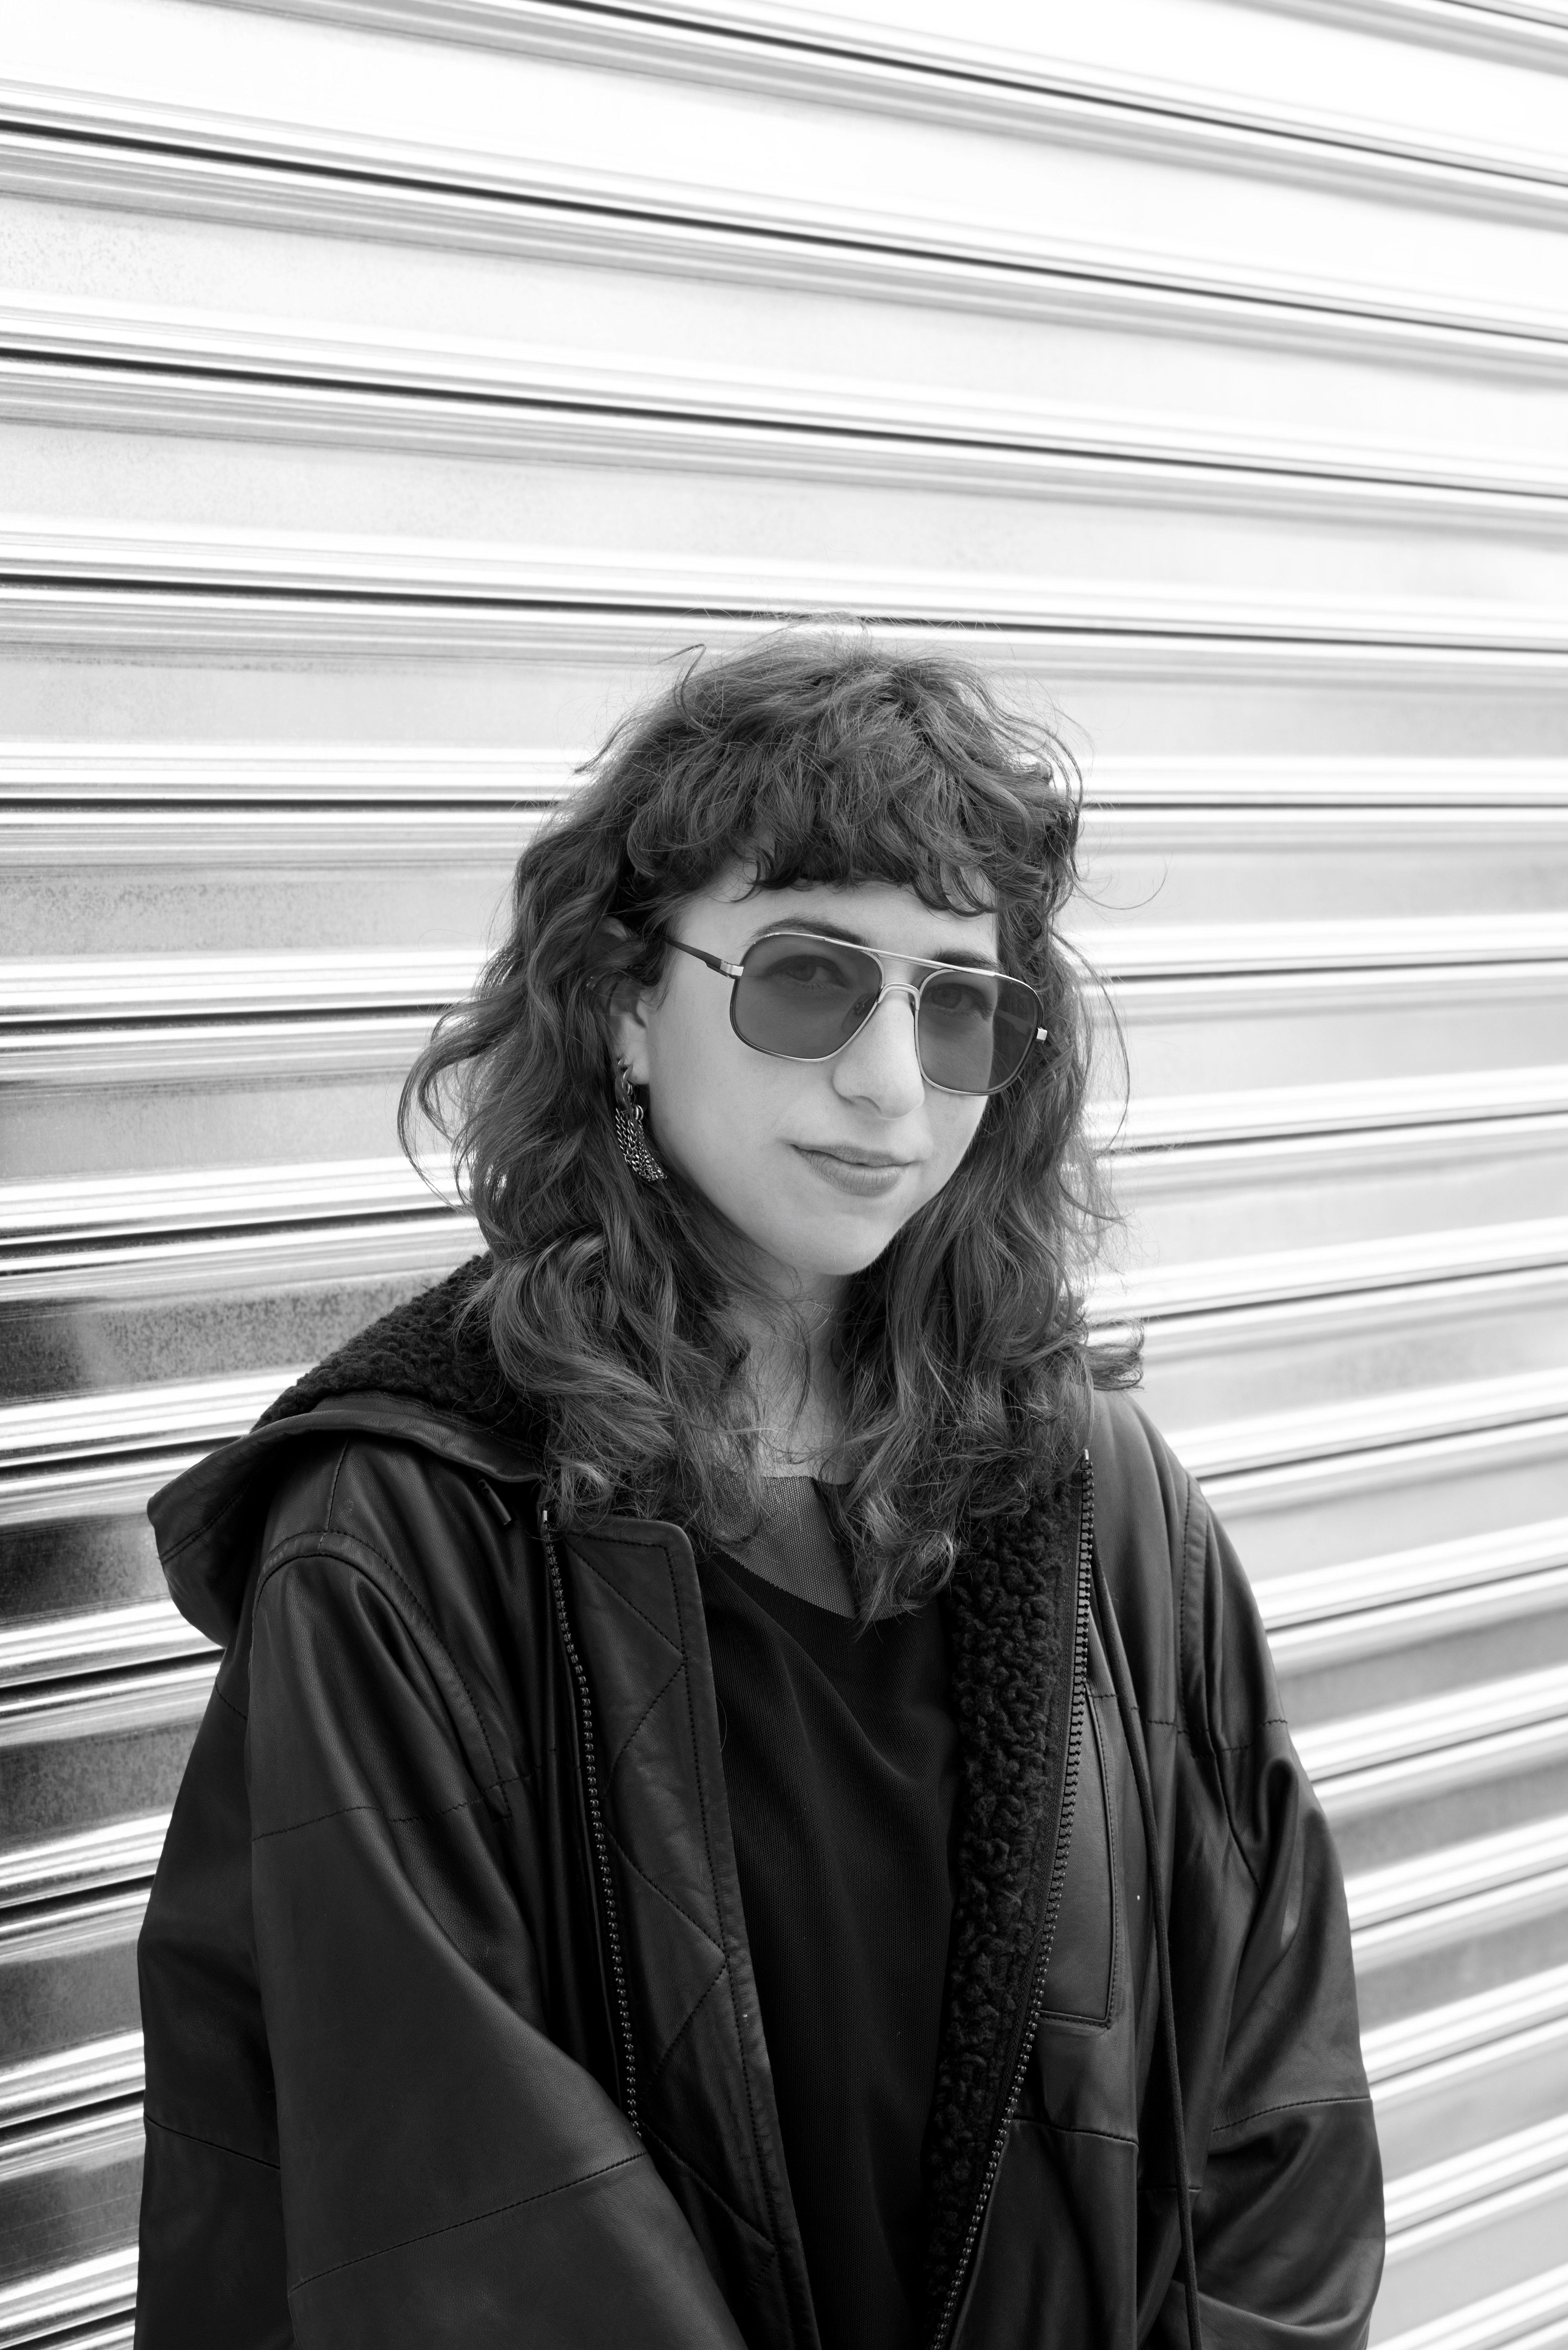 Nina Berman